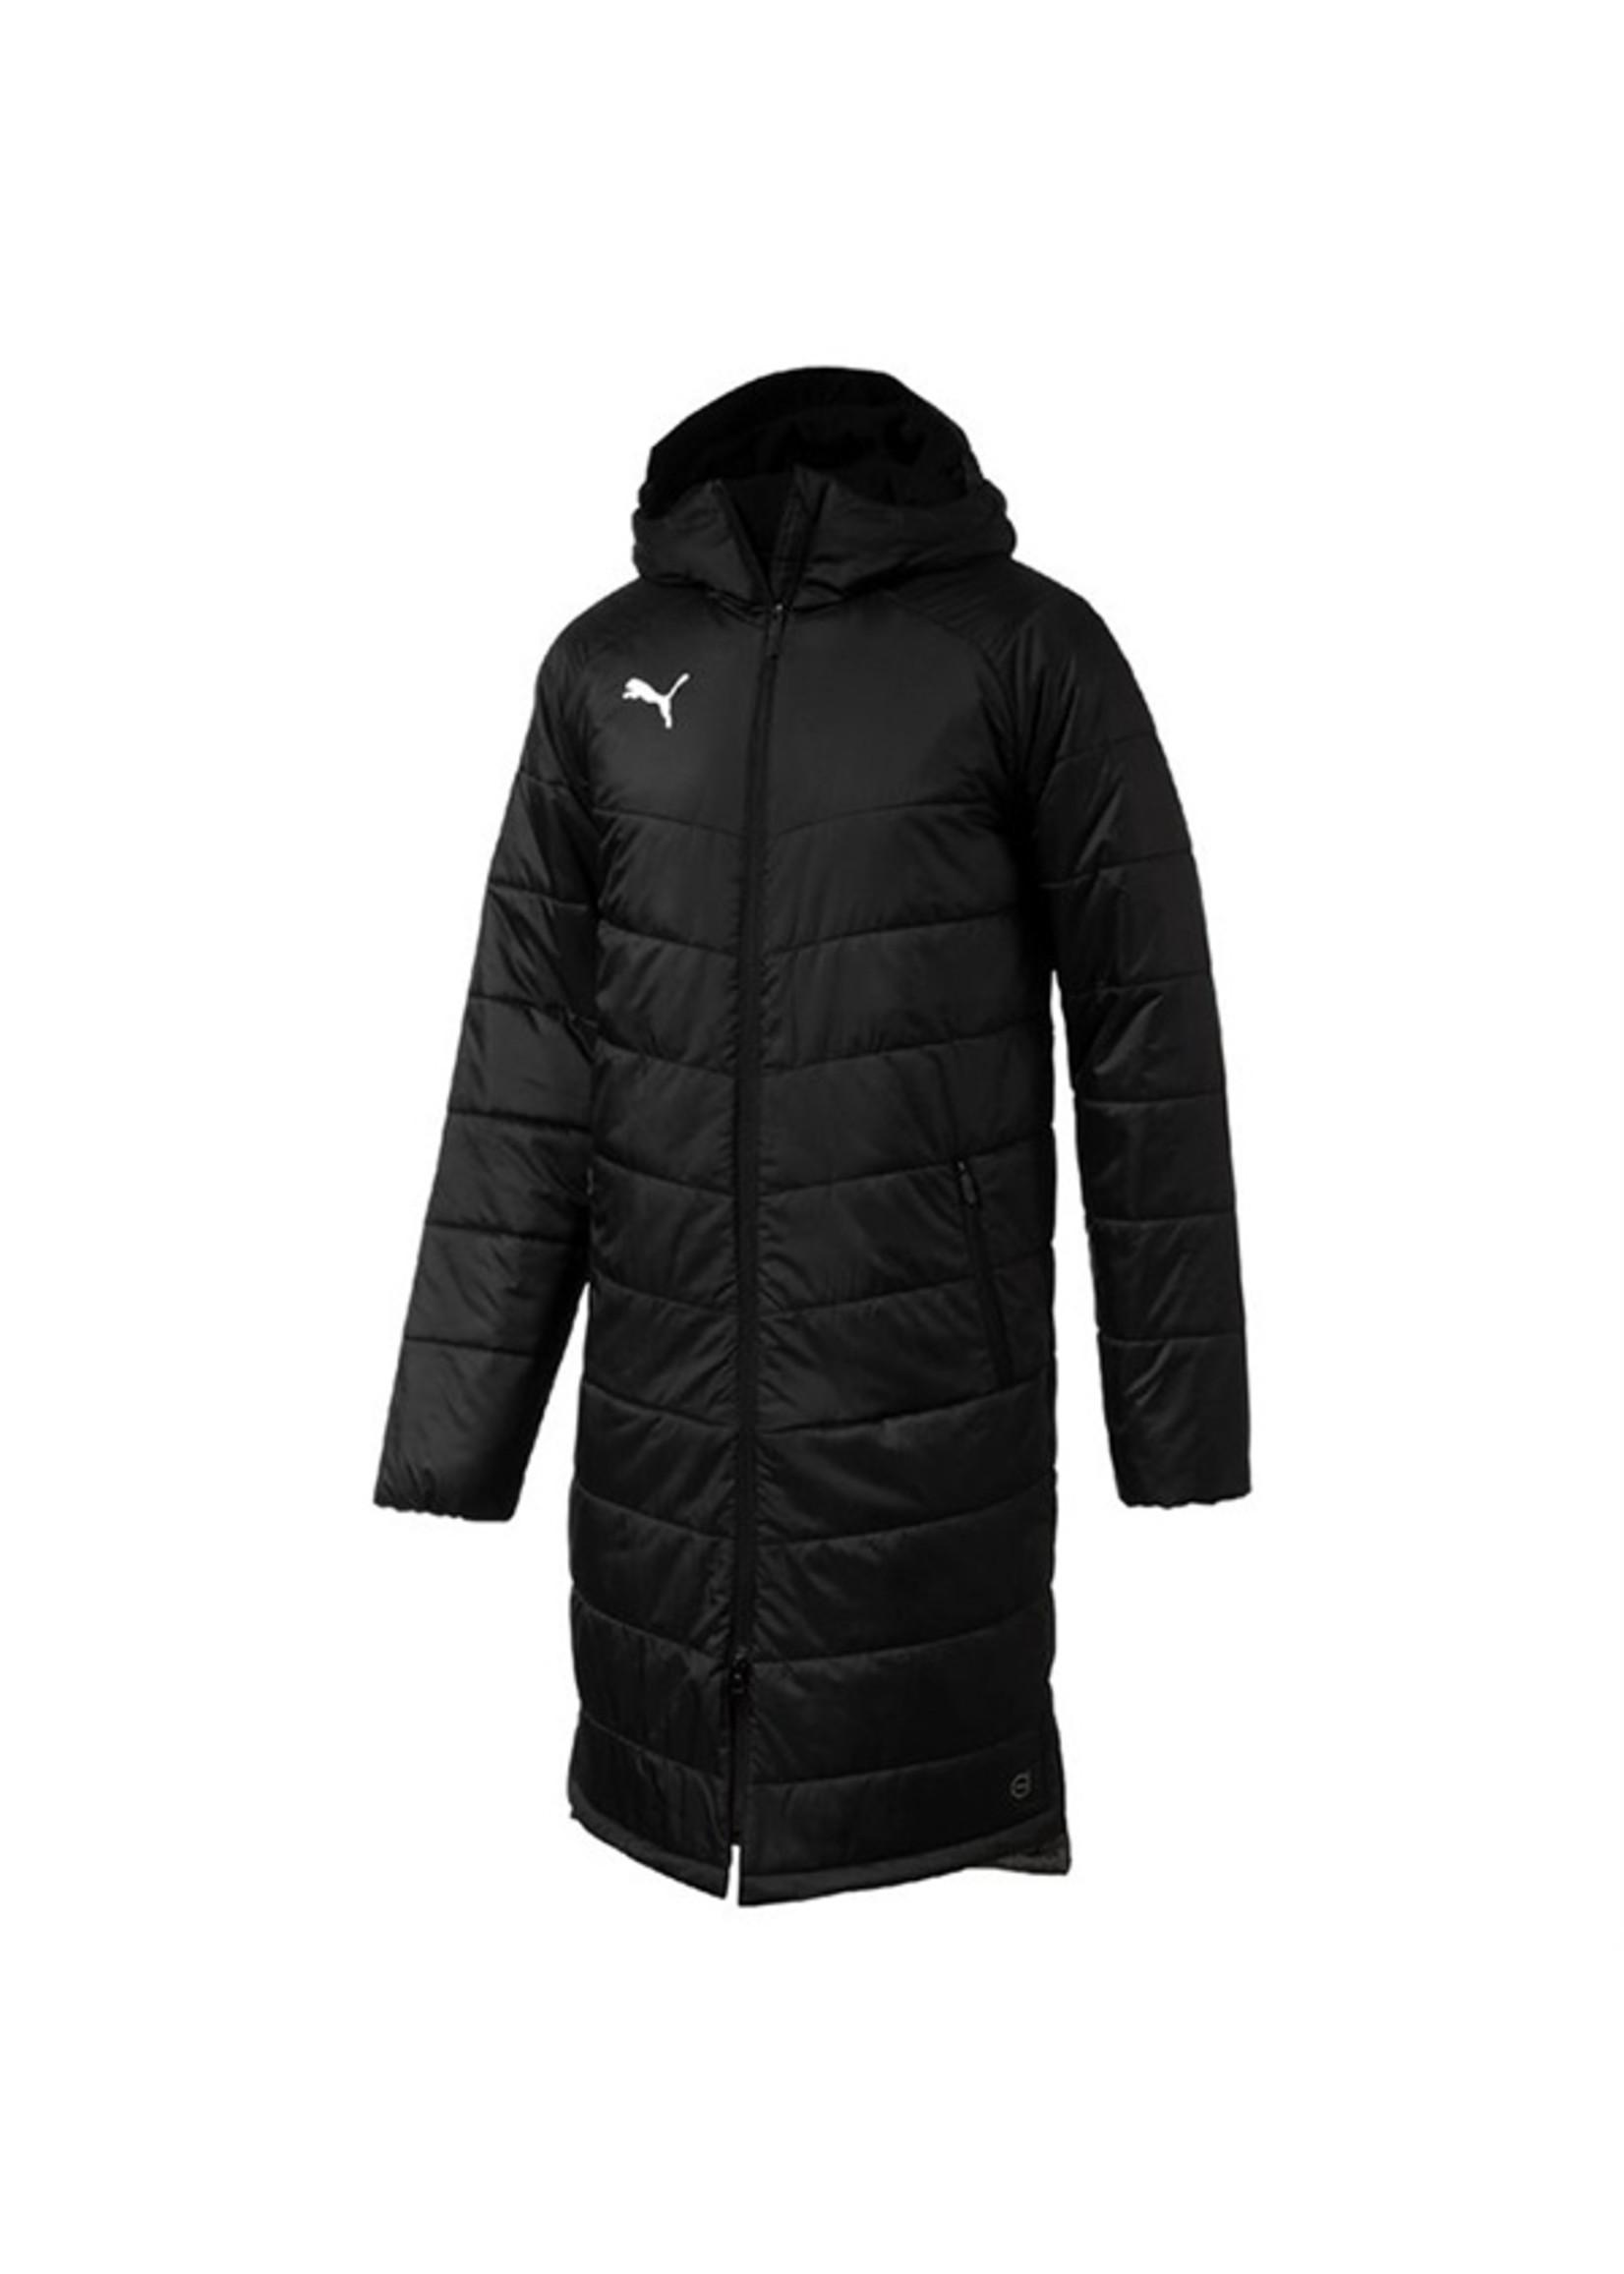 Puma Liga Sideline Bench Jacket Long